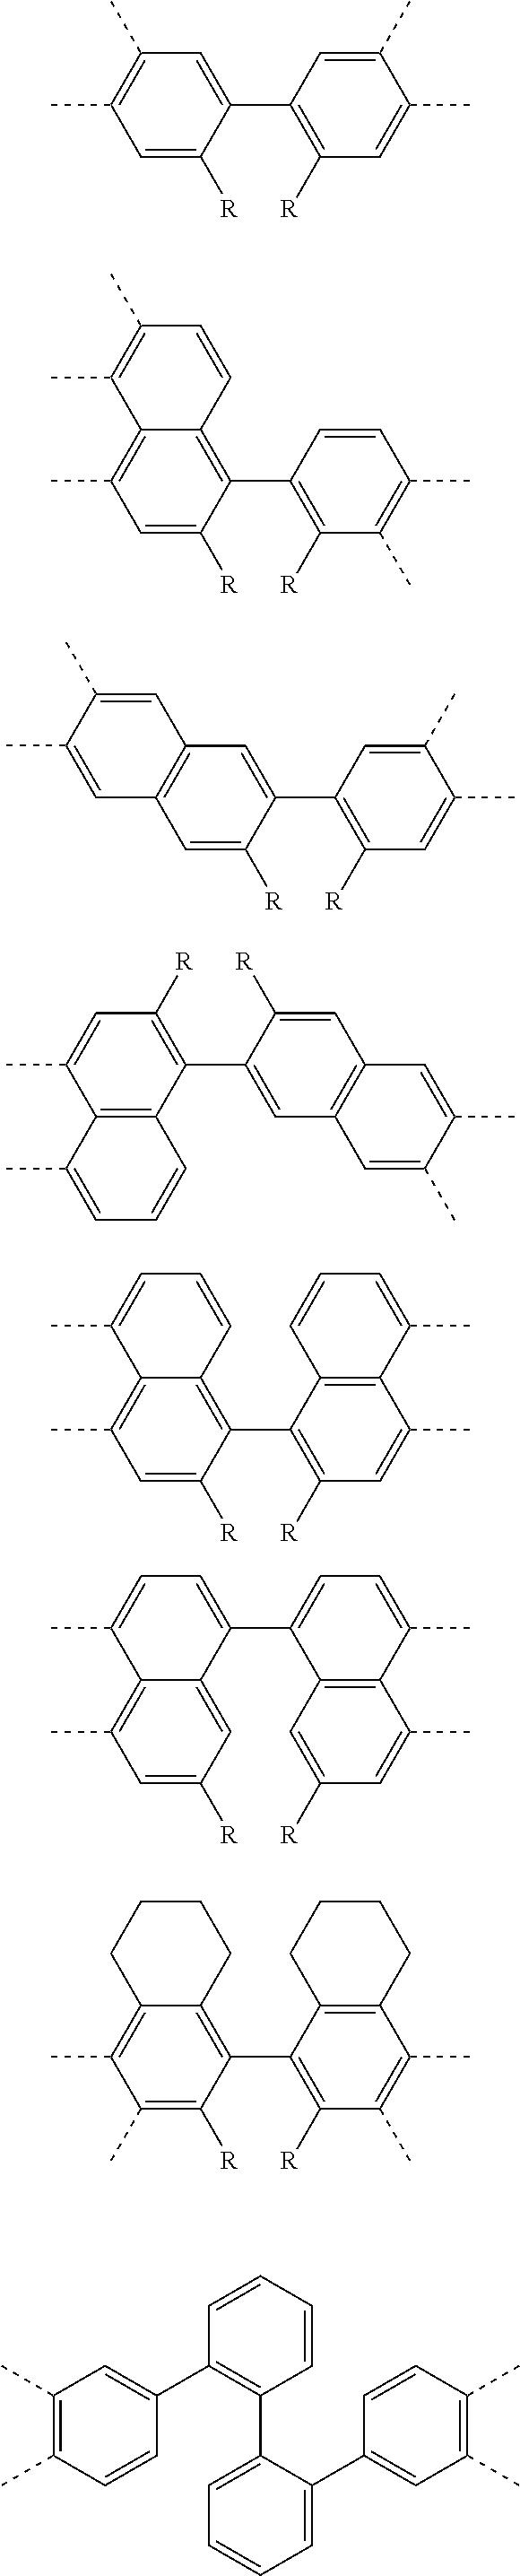 Figure US08063399-20111122-C00009